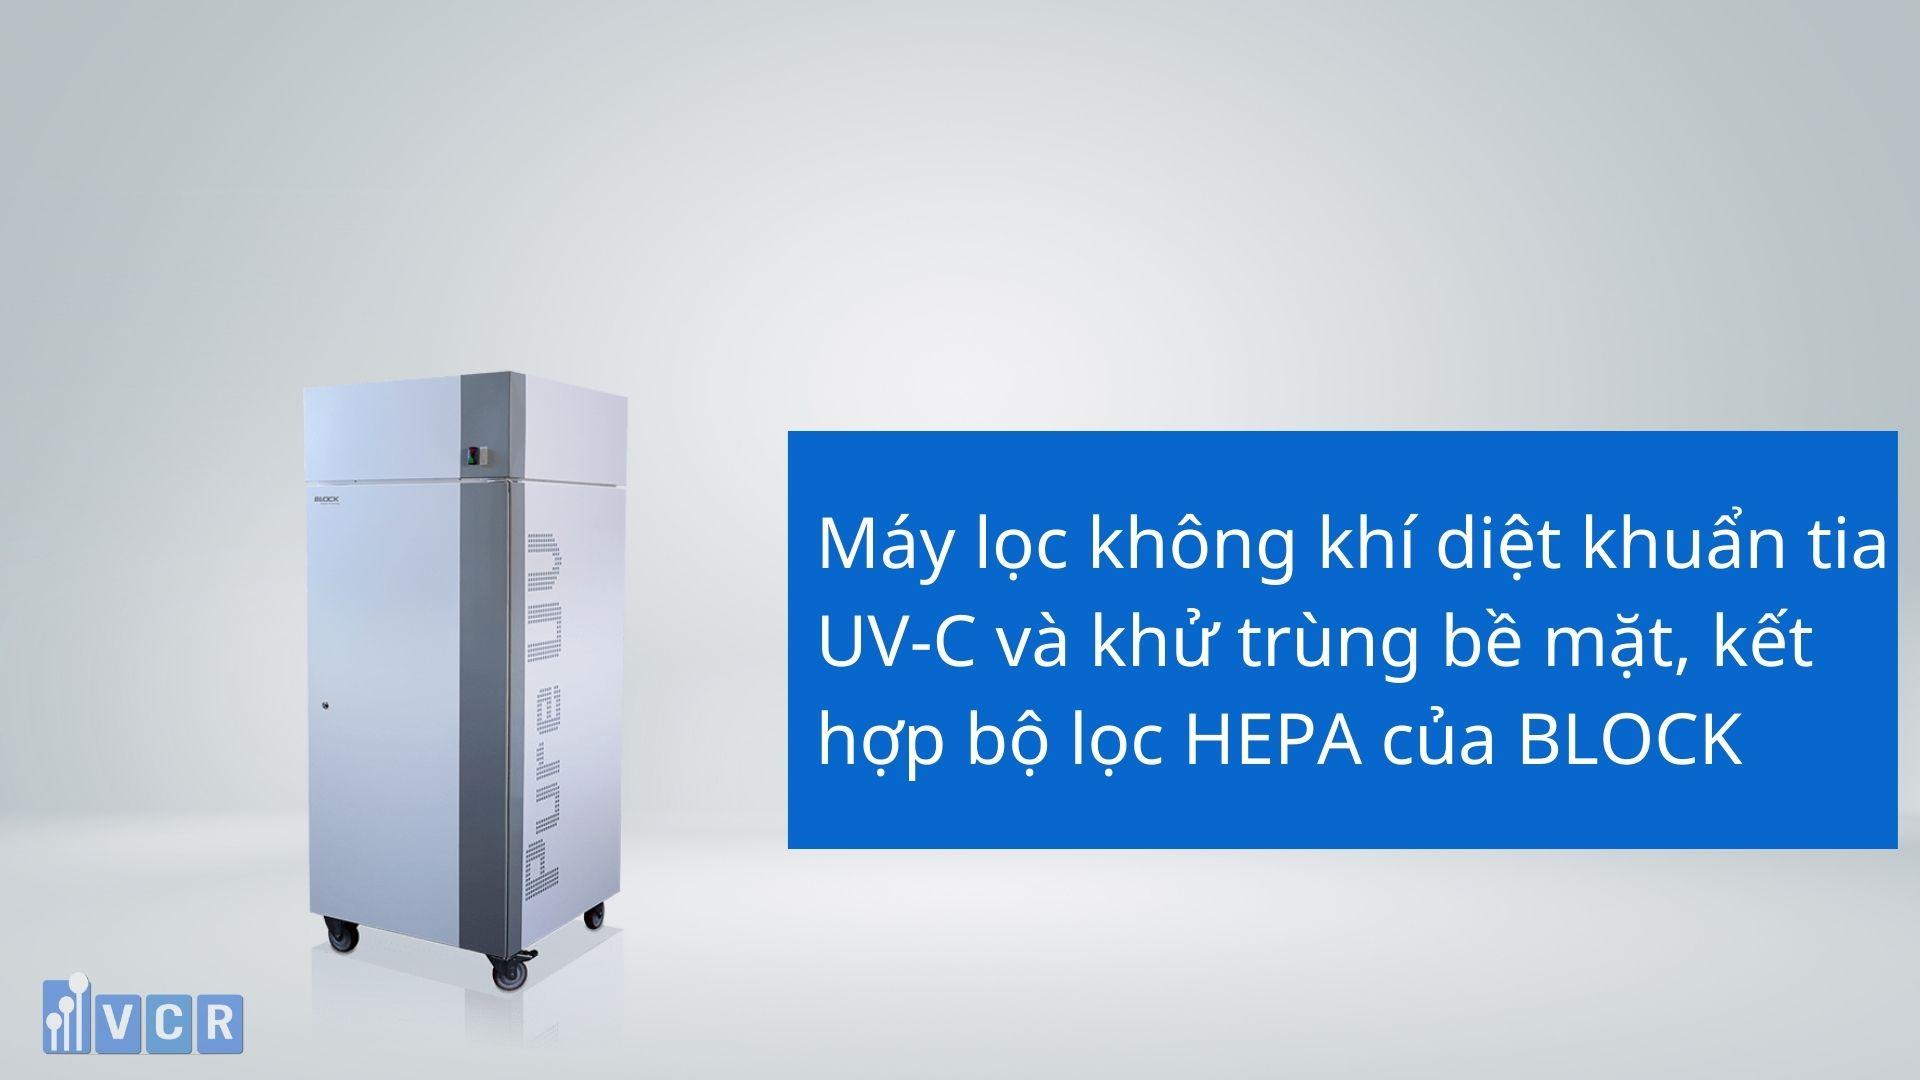 Máy lọc không khí diệt khuẩn tia UV-C kết hợp lọc HEPA